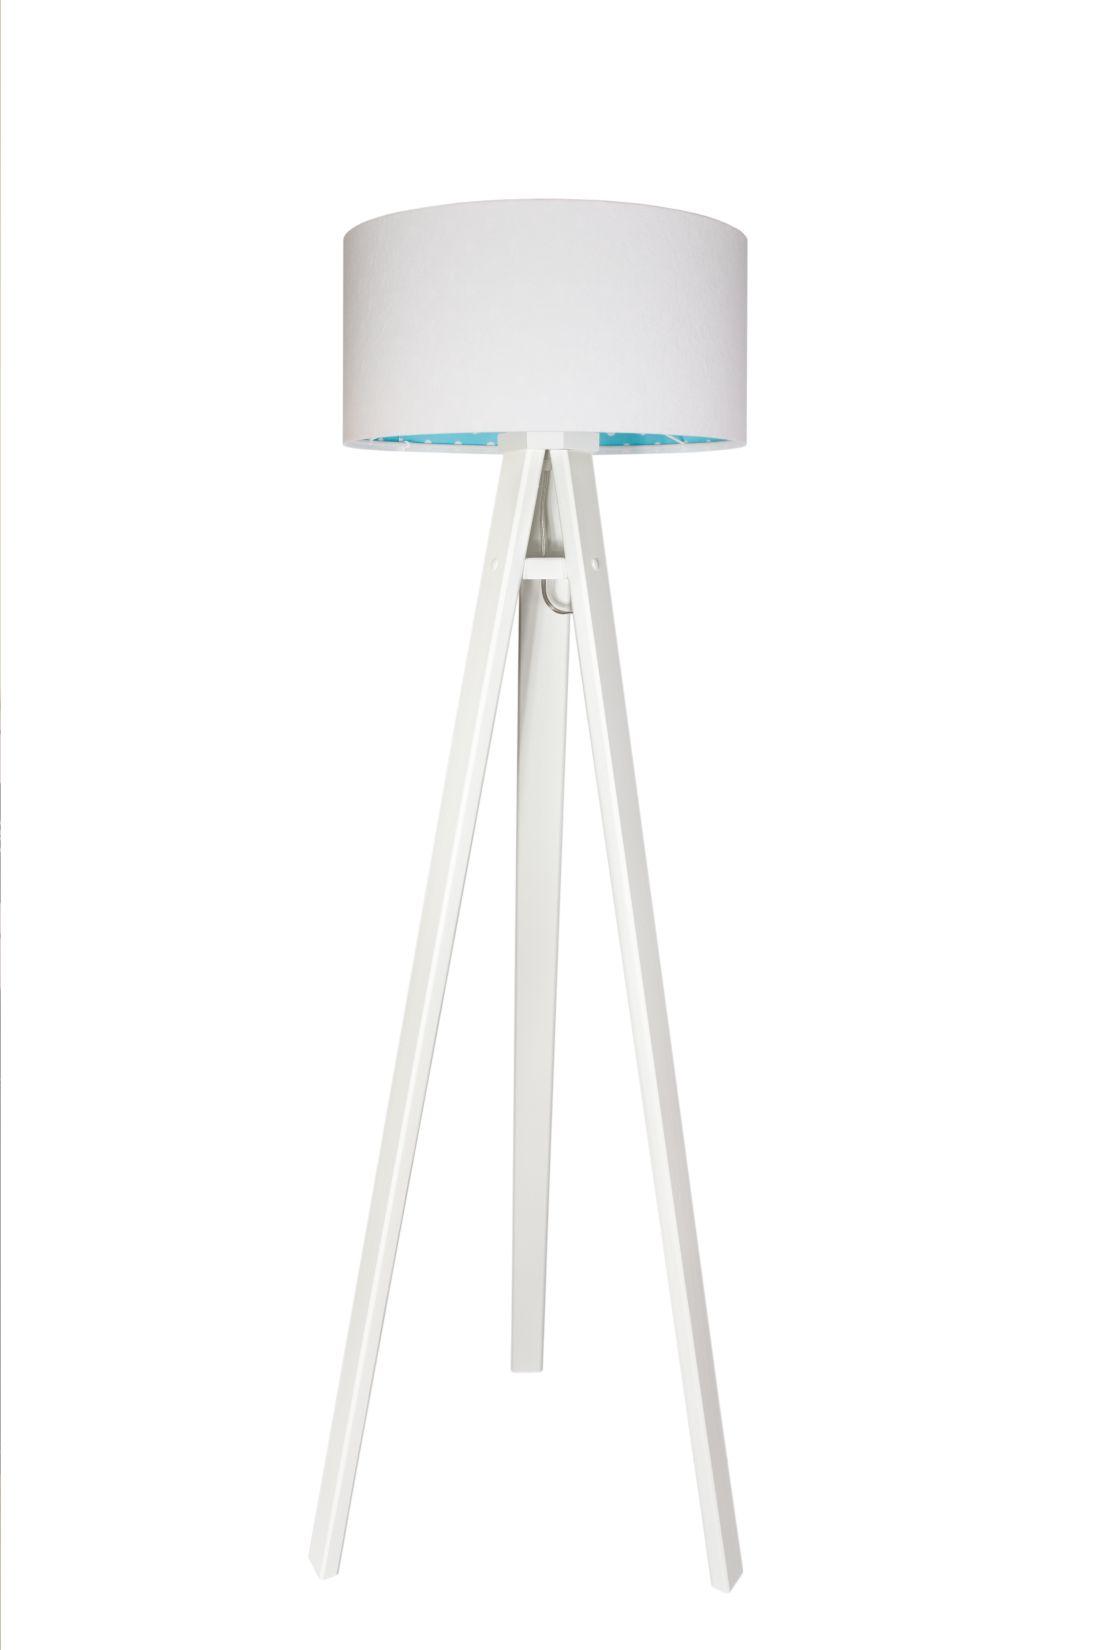 Stehlampe Holz Weiß 140cm Kinderzimmer Lampe Dreibein